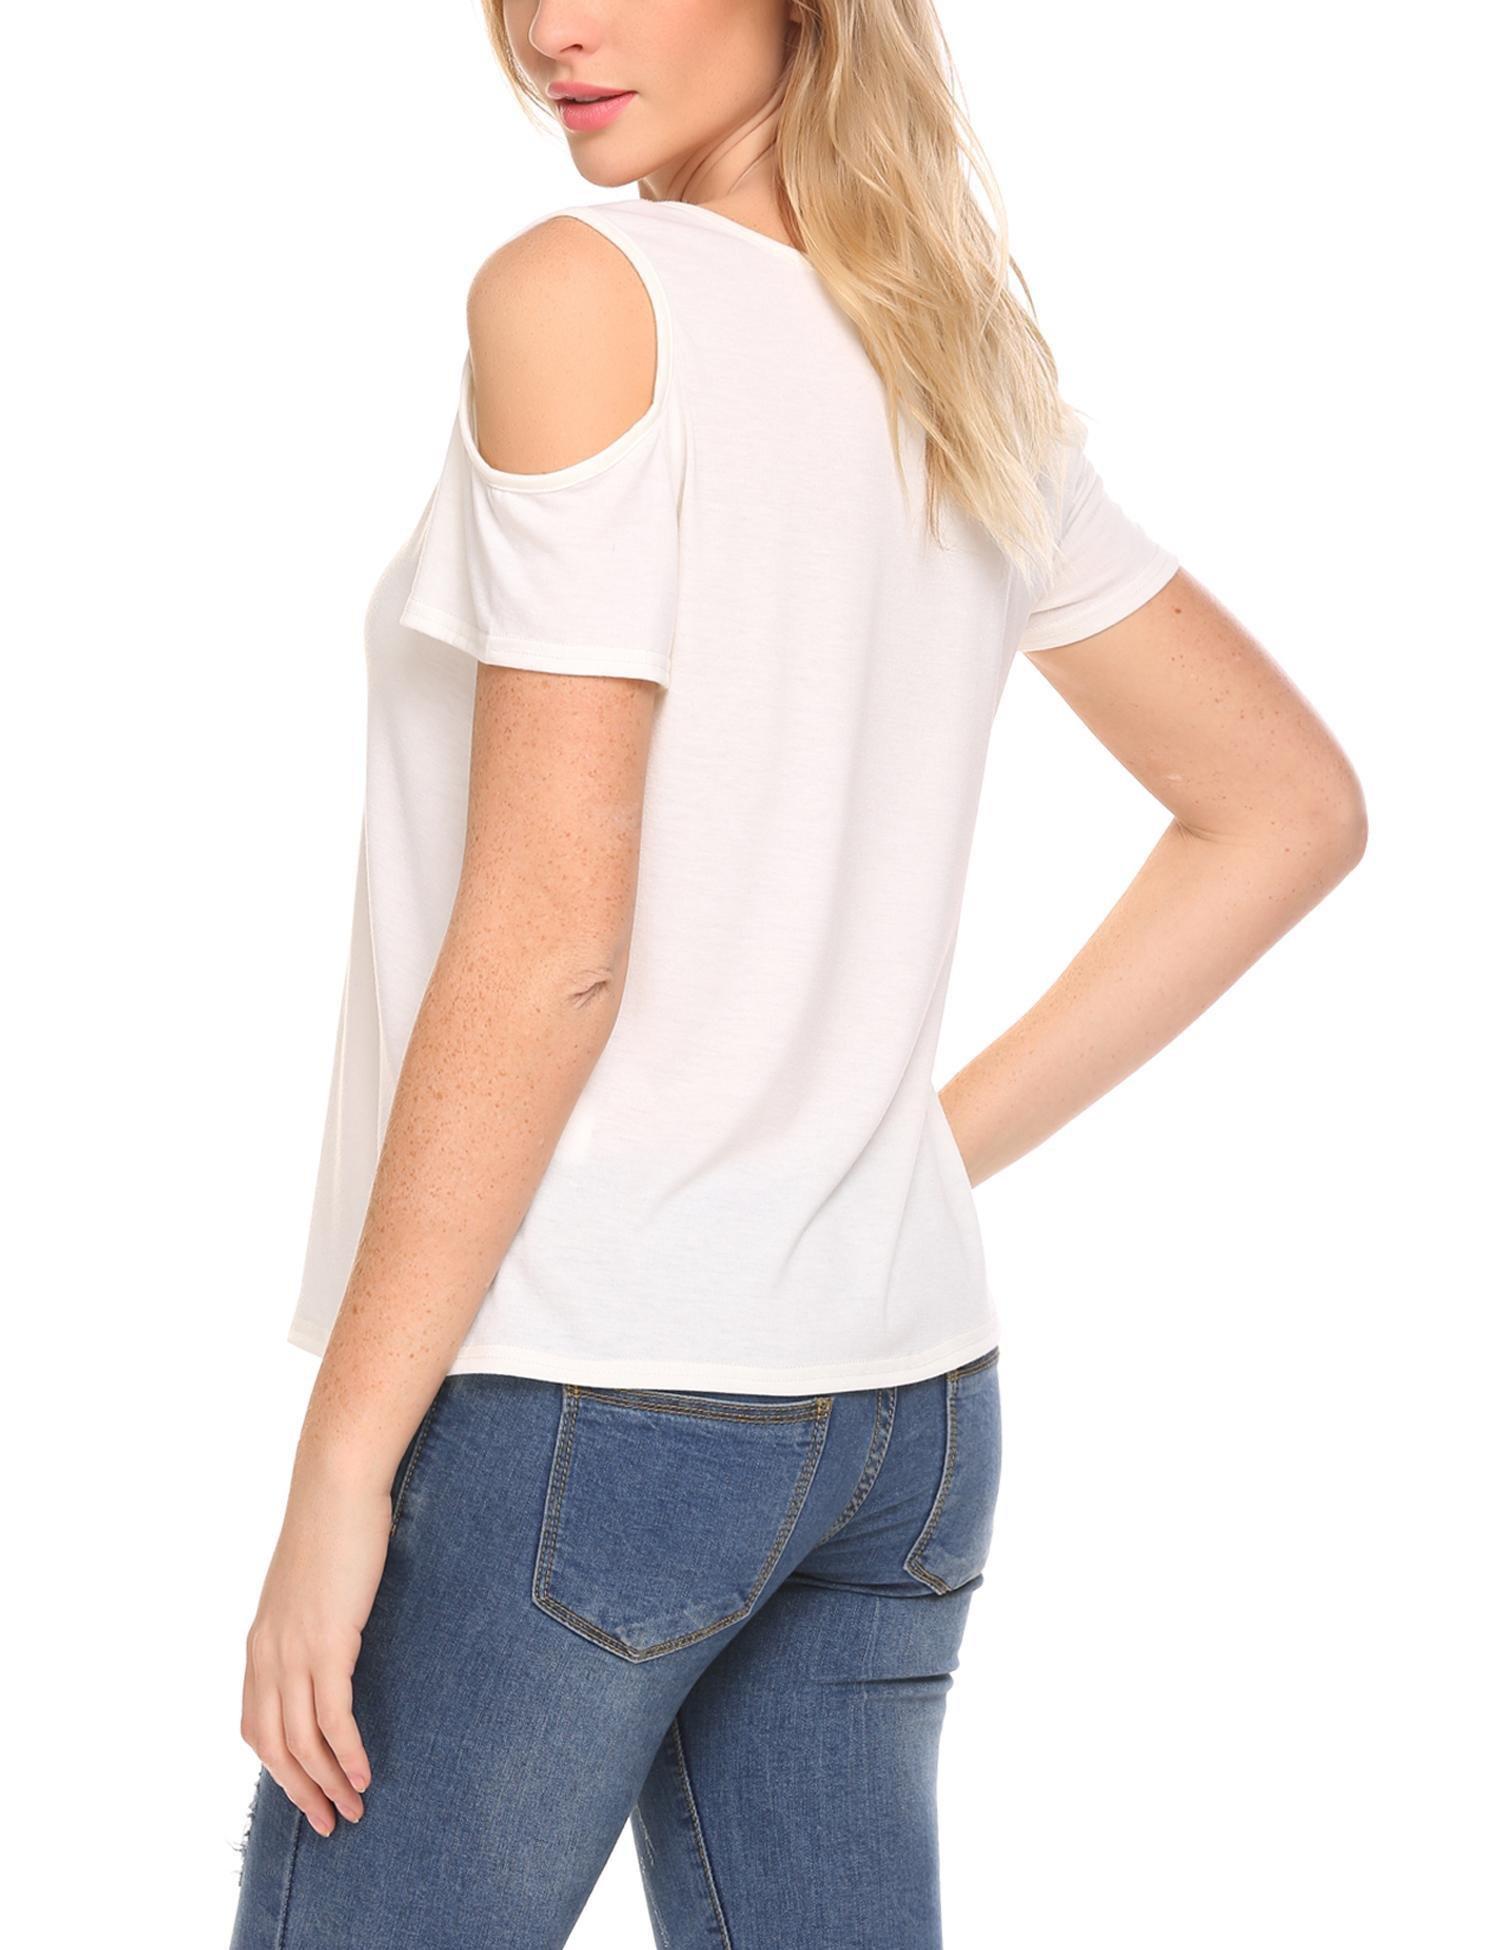 b452d1e047a ELESOL Women Cut Out Shoulder Short Sleeve T Shirt Tops Blouse White XXL